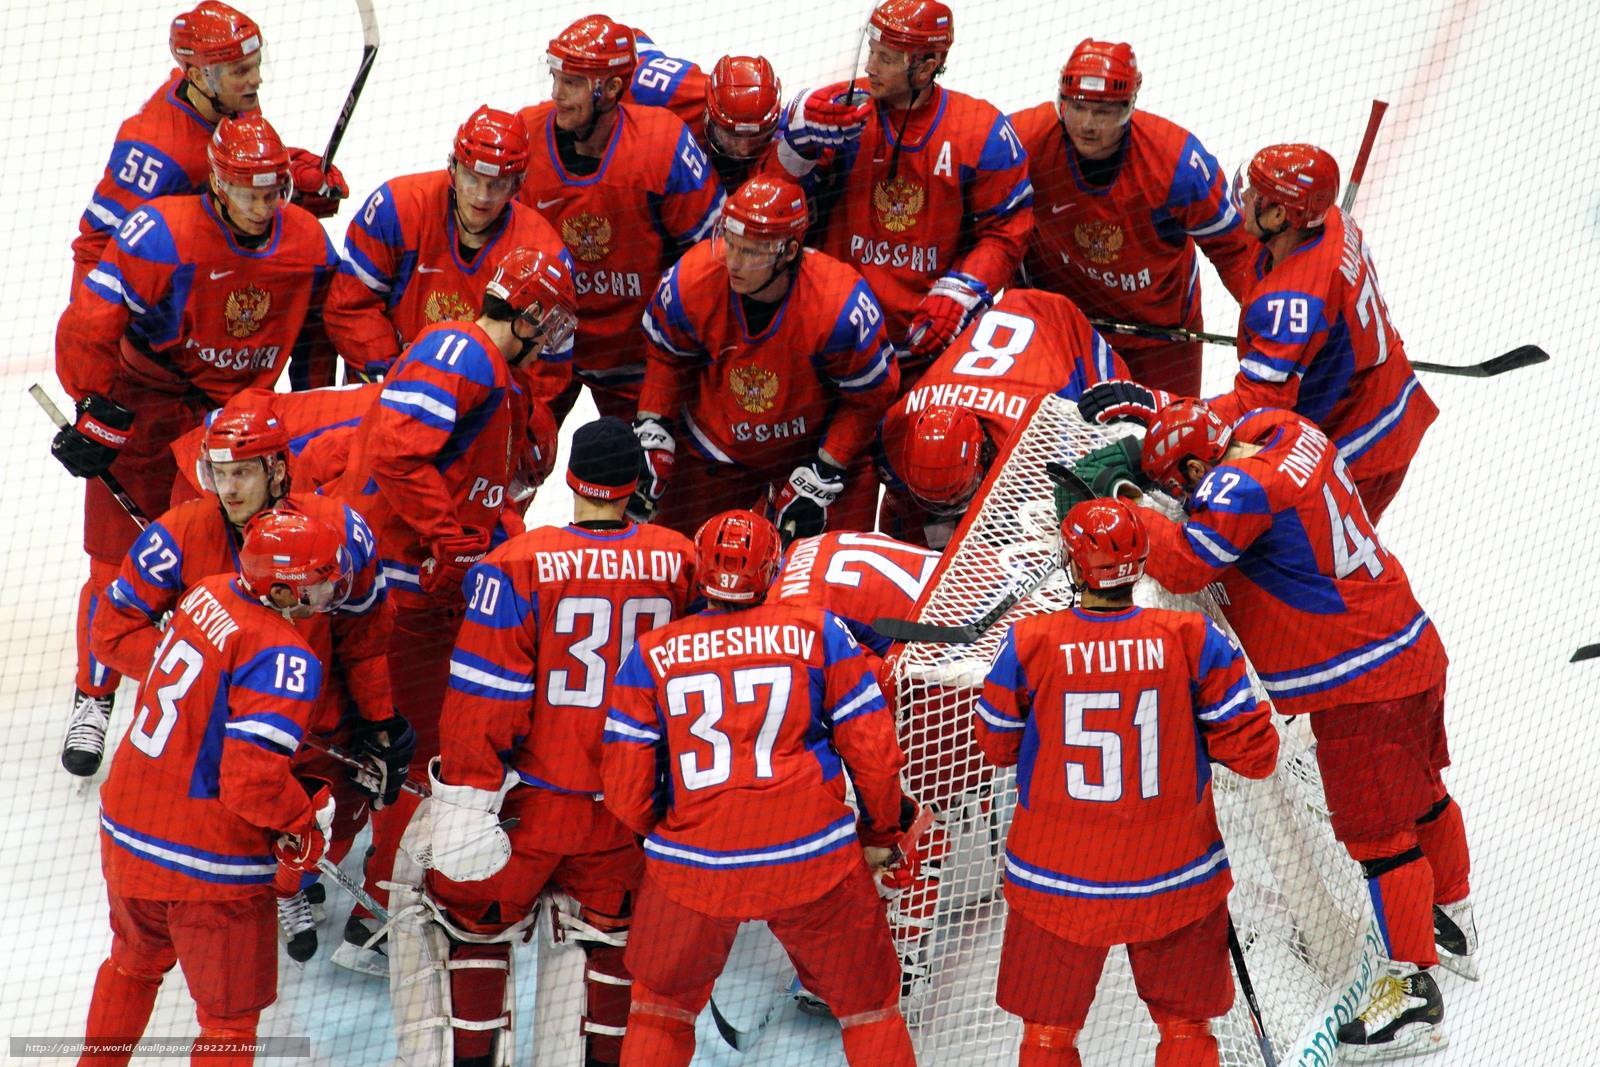 сборная россии и сборная германии